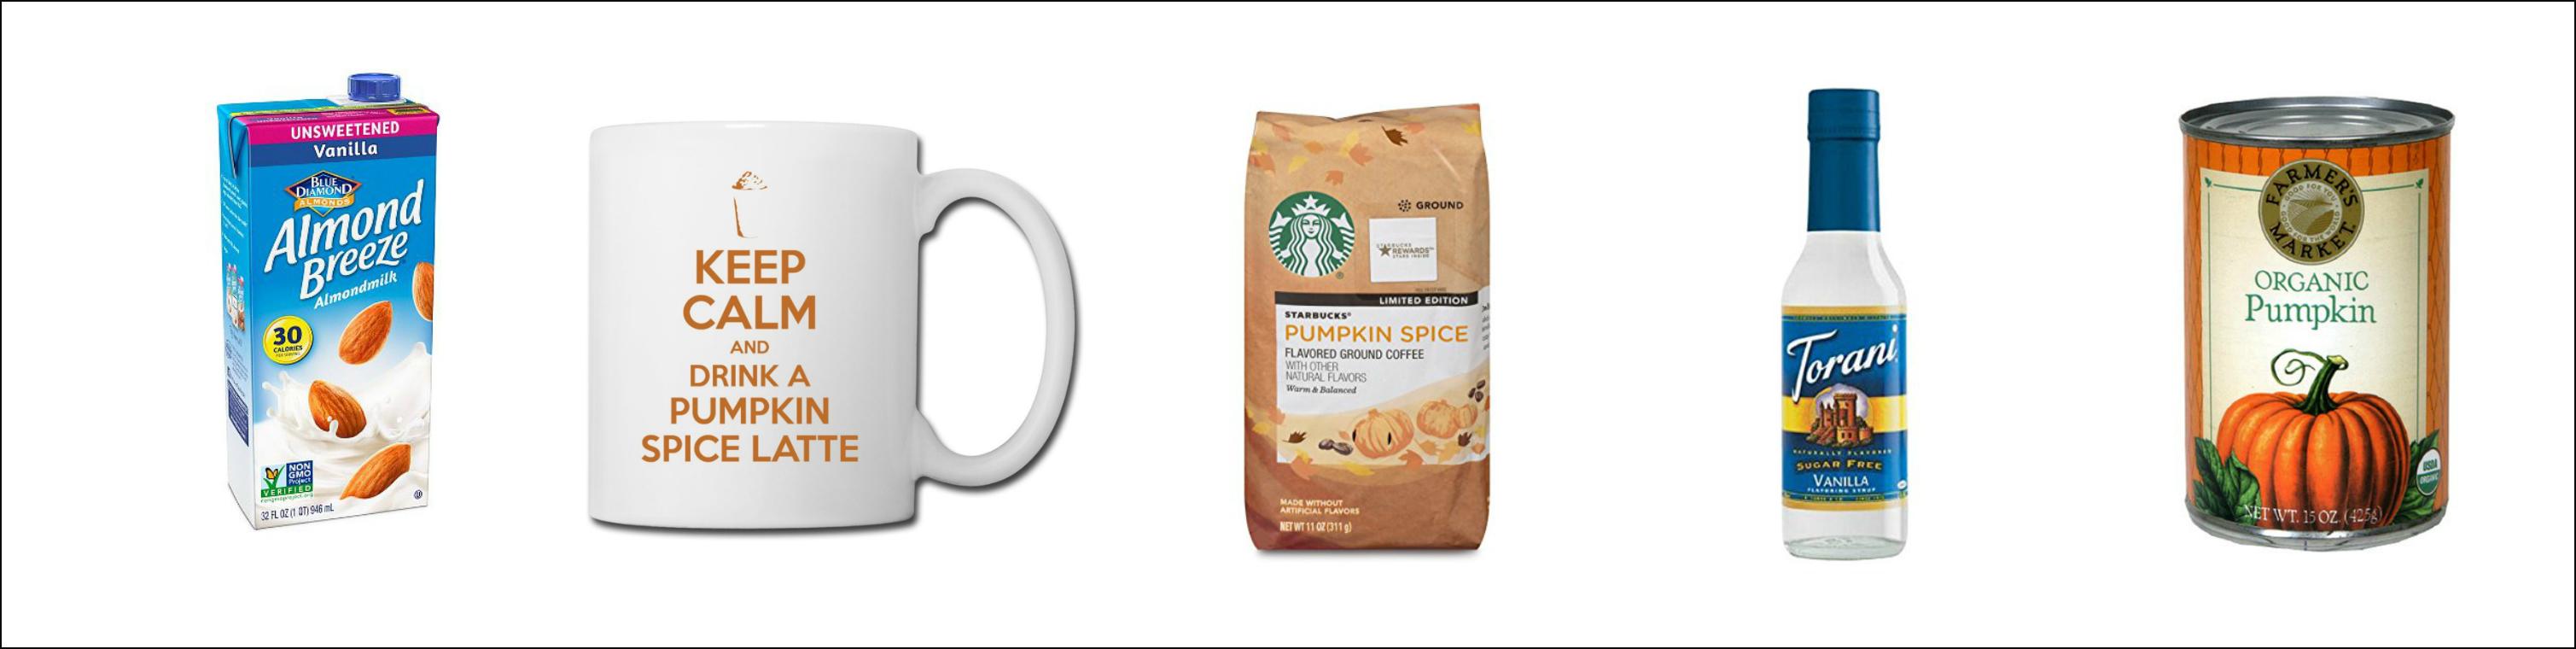 Low Calorie Pumpkin Spice Latte